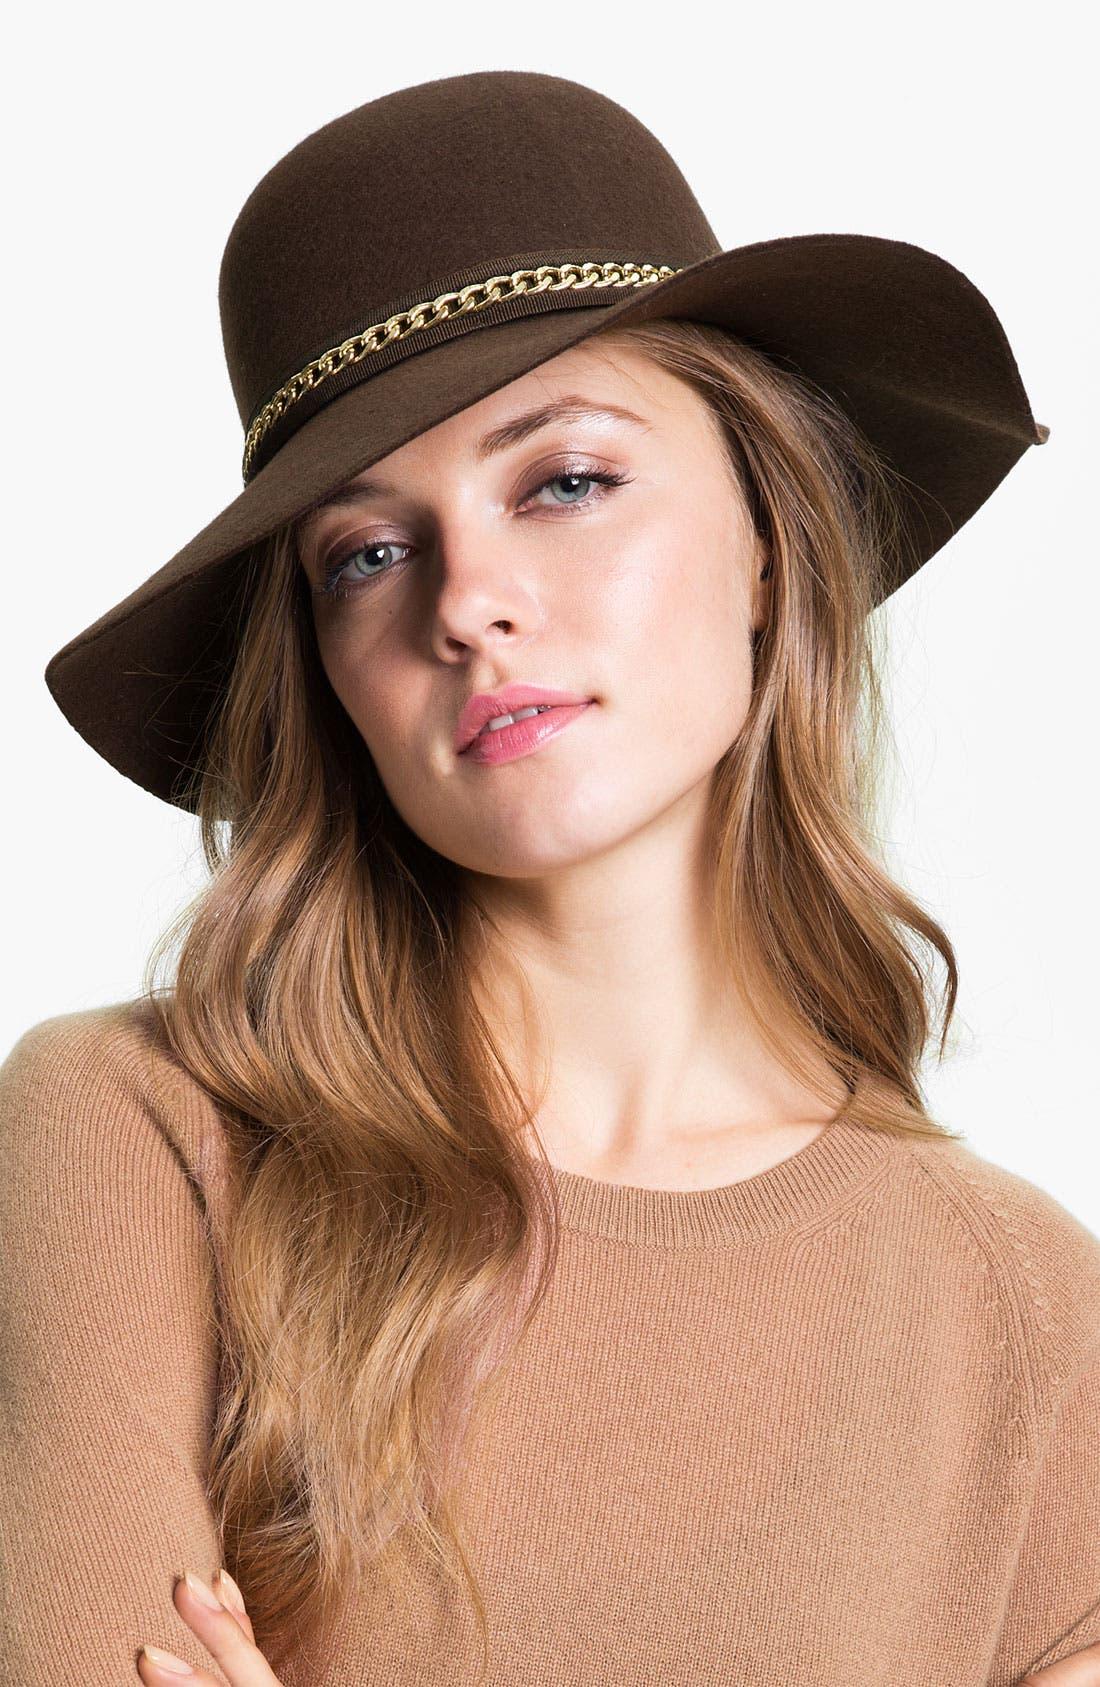 Alternate Image 1 Selected - Nordstrom Floppy Wool Hat